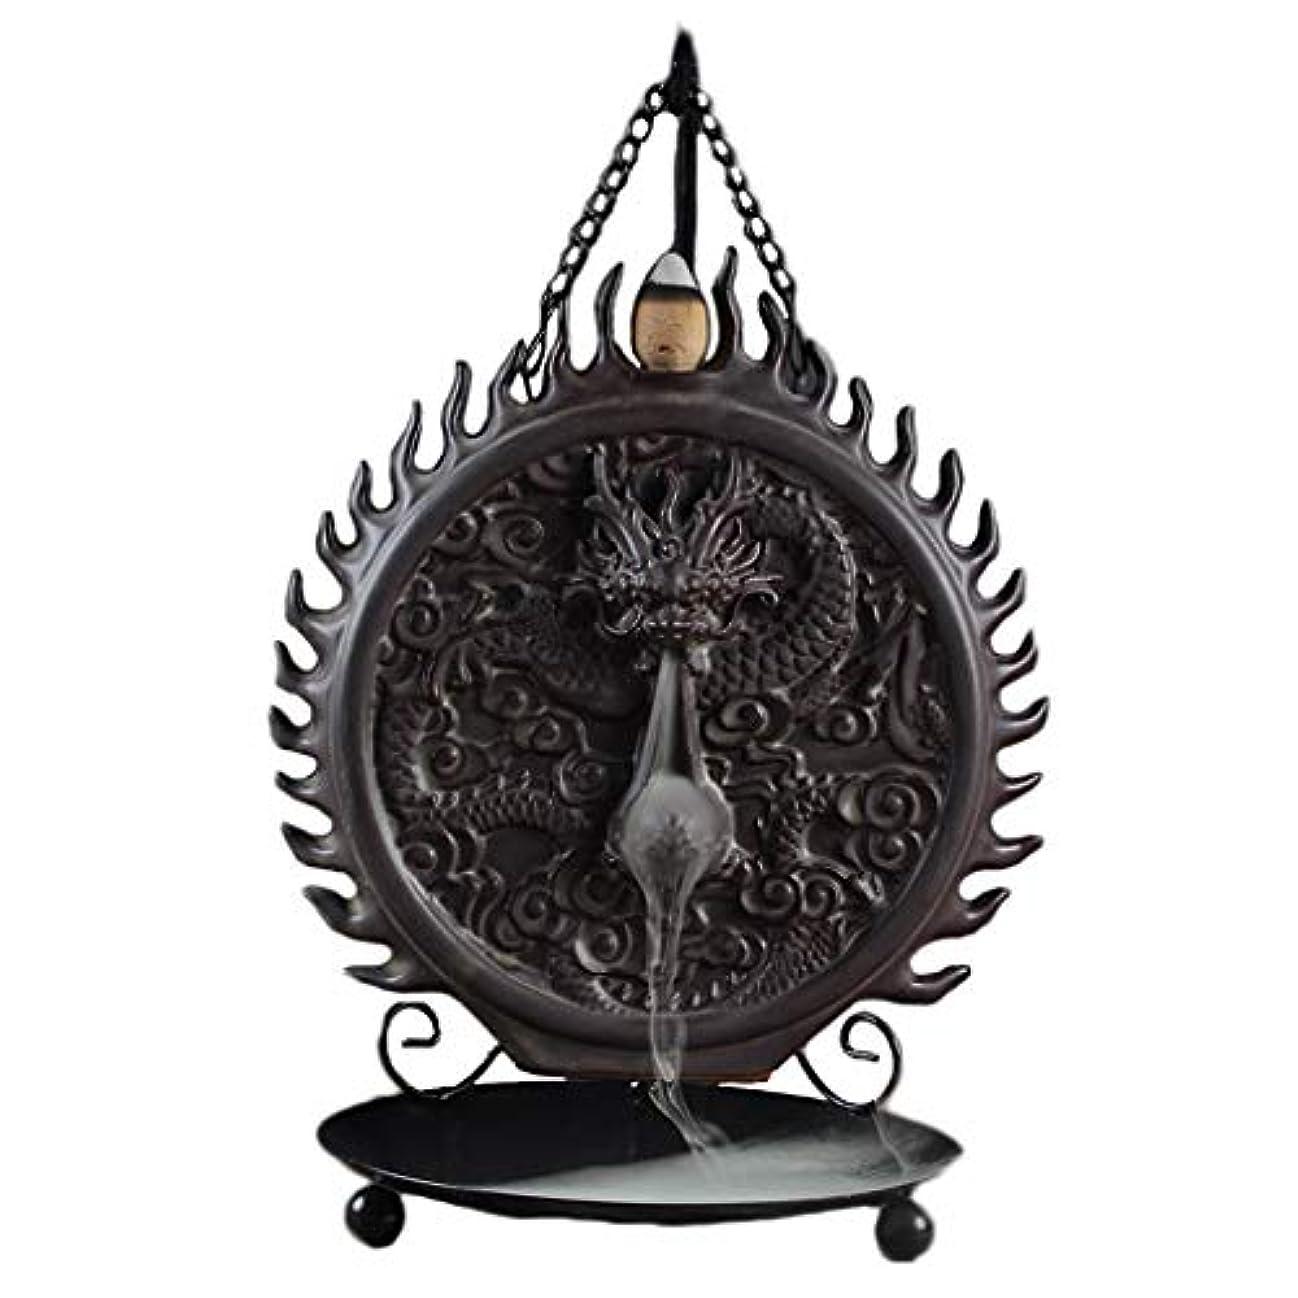 放出カートンシャーセラミックハンギング香炉バックフロードラゴンディスクホーム炉装飾香ホルダーアロマセラピー香バーナーホルダー (Color : Black, サイズ : 6.29*9.44inches)